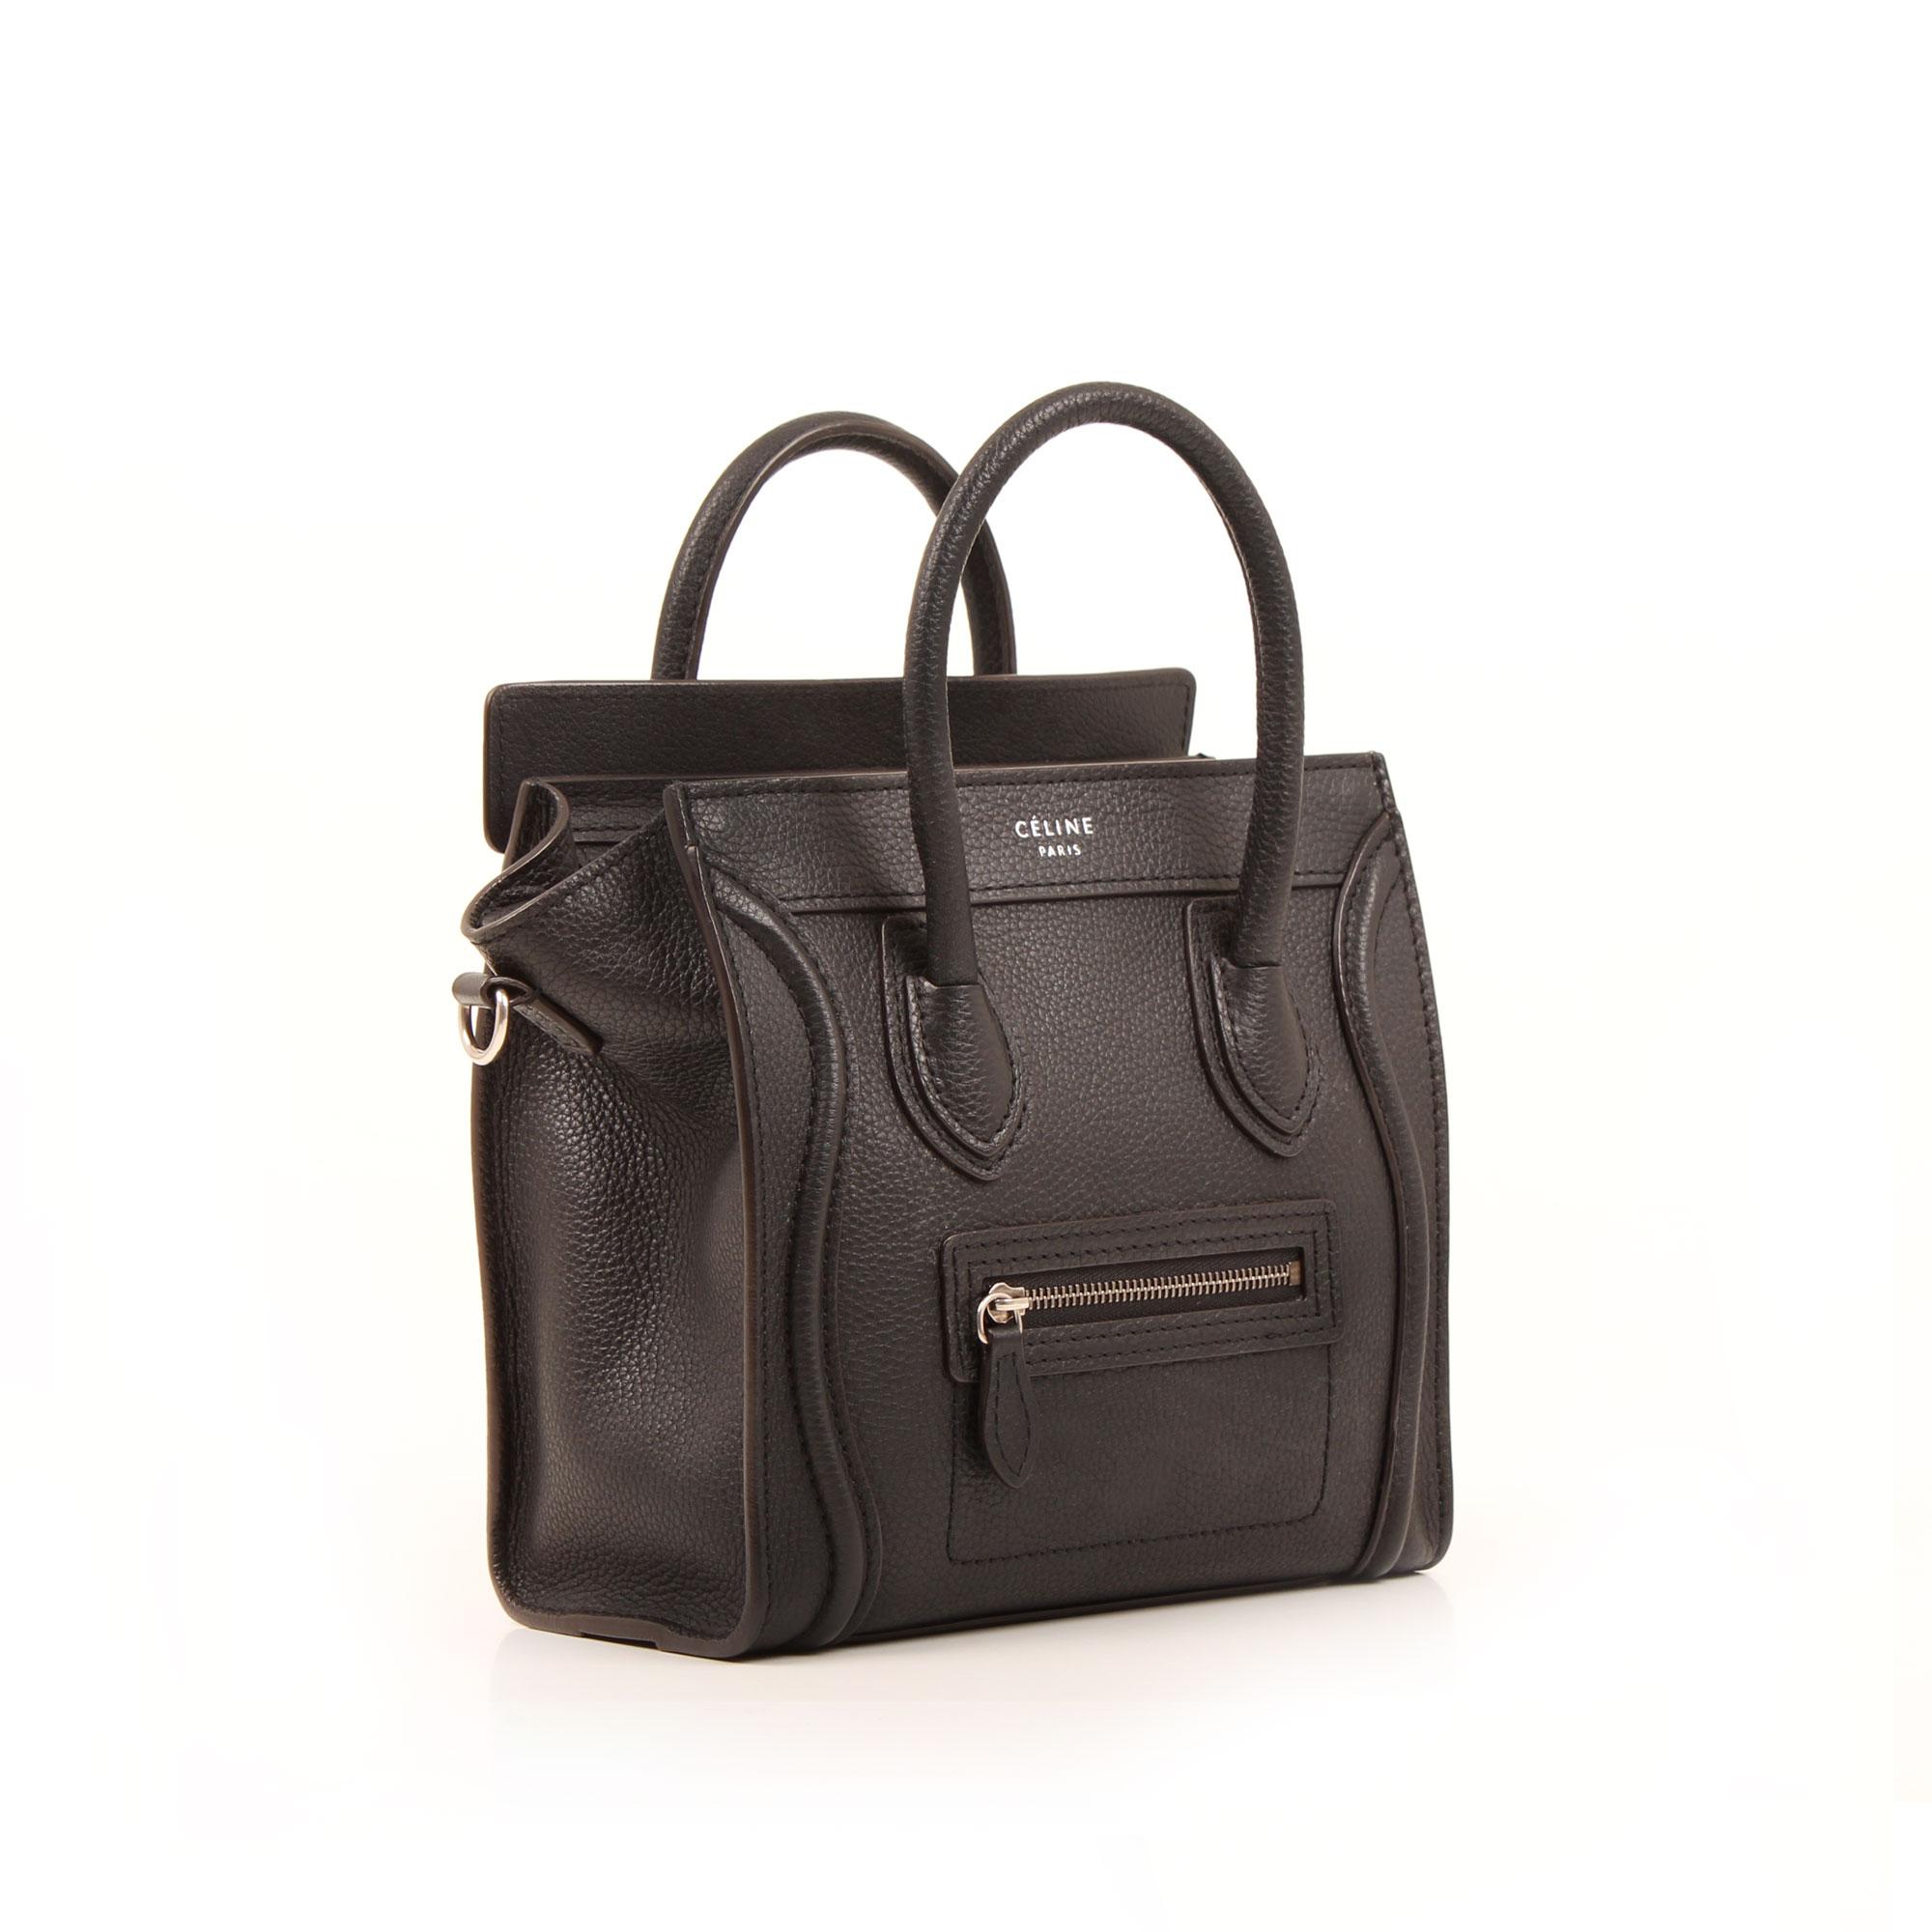 Imagen general sin bandolera del bolso celine nano luggage negro piel becerro